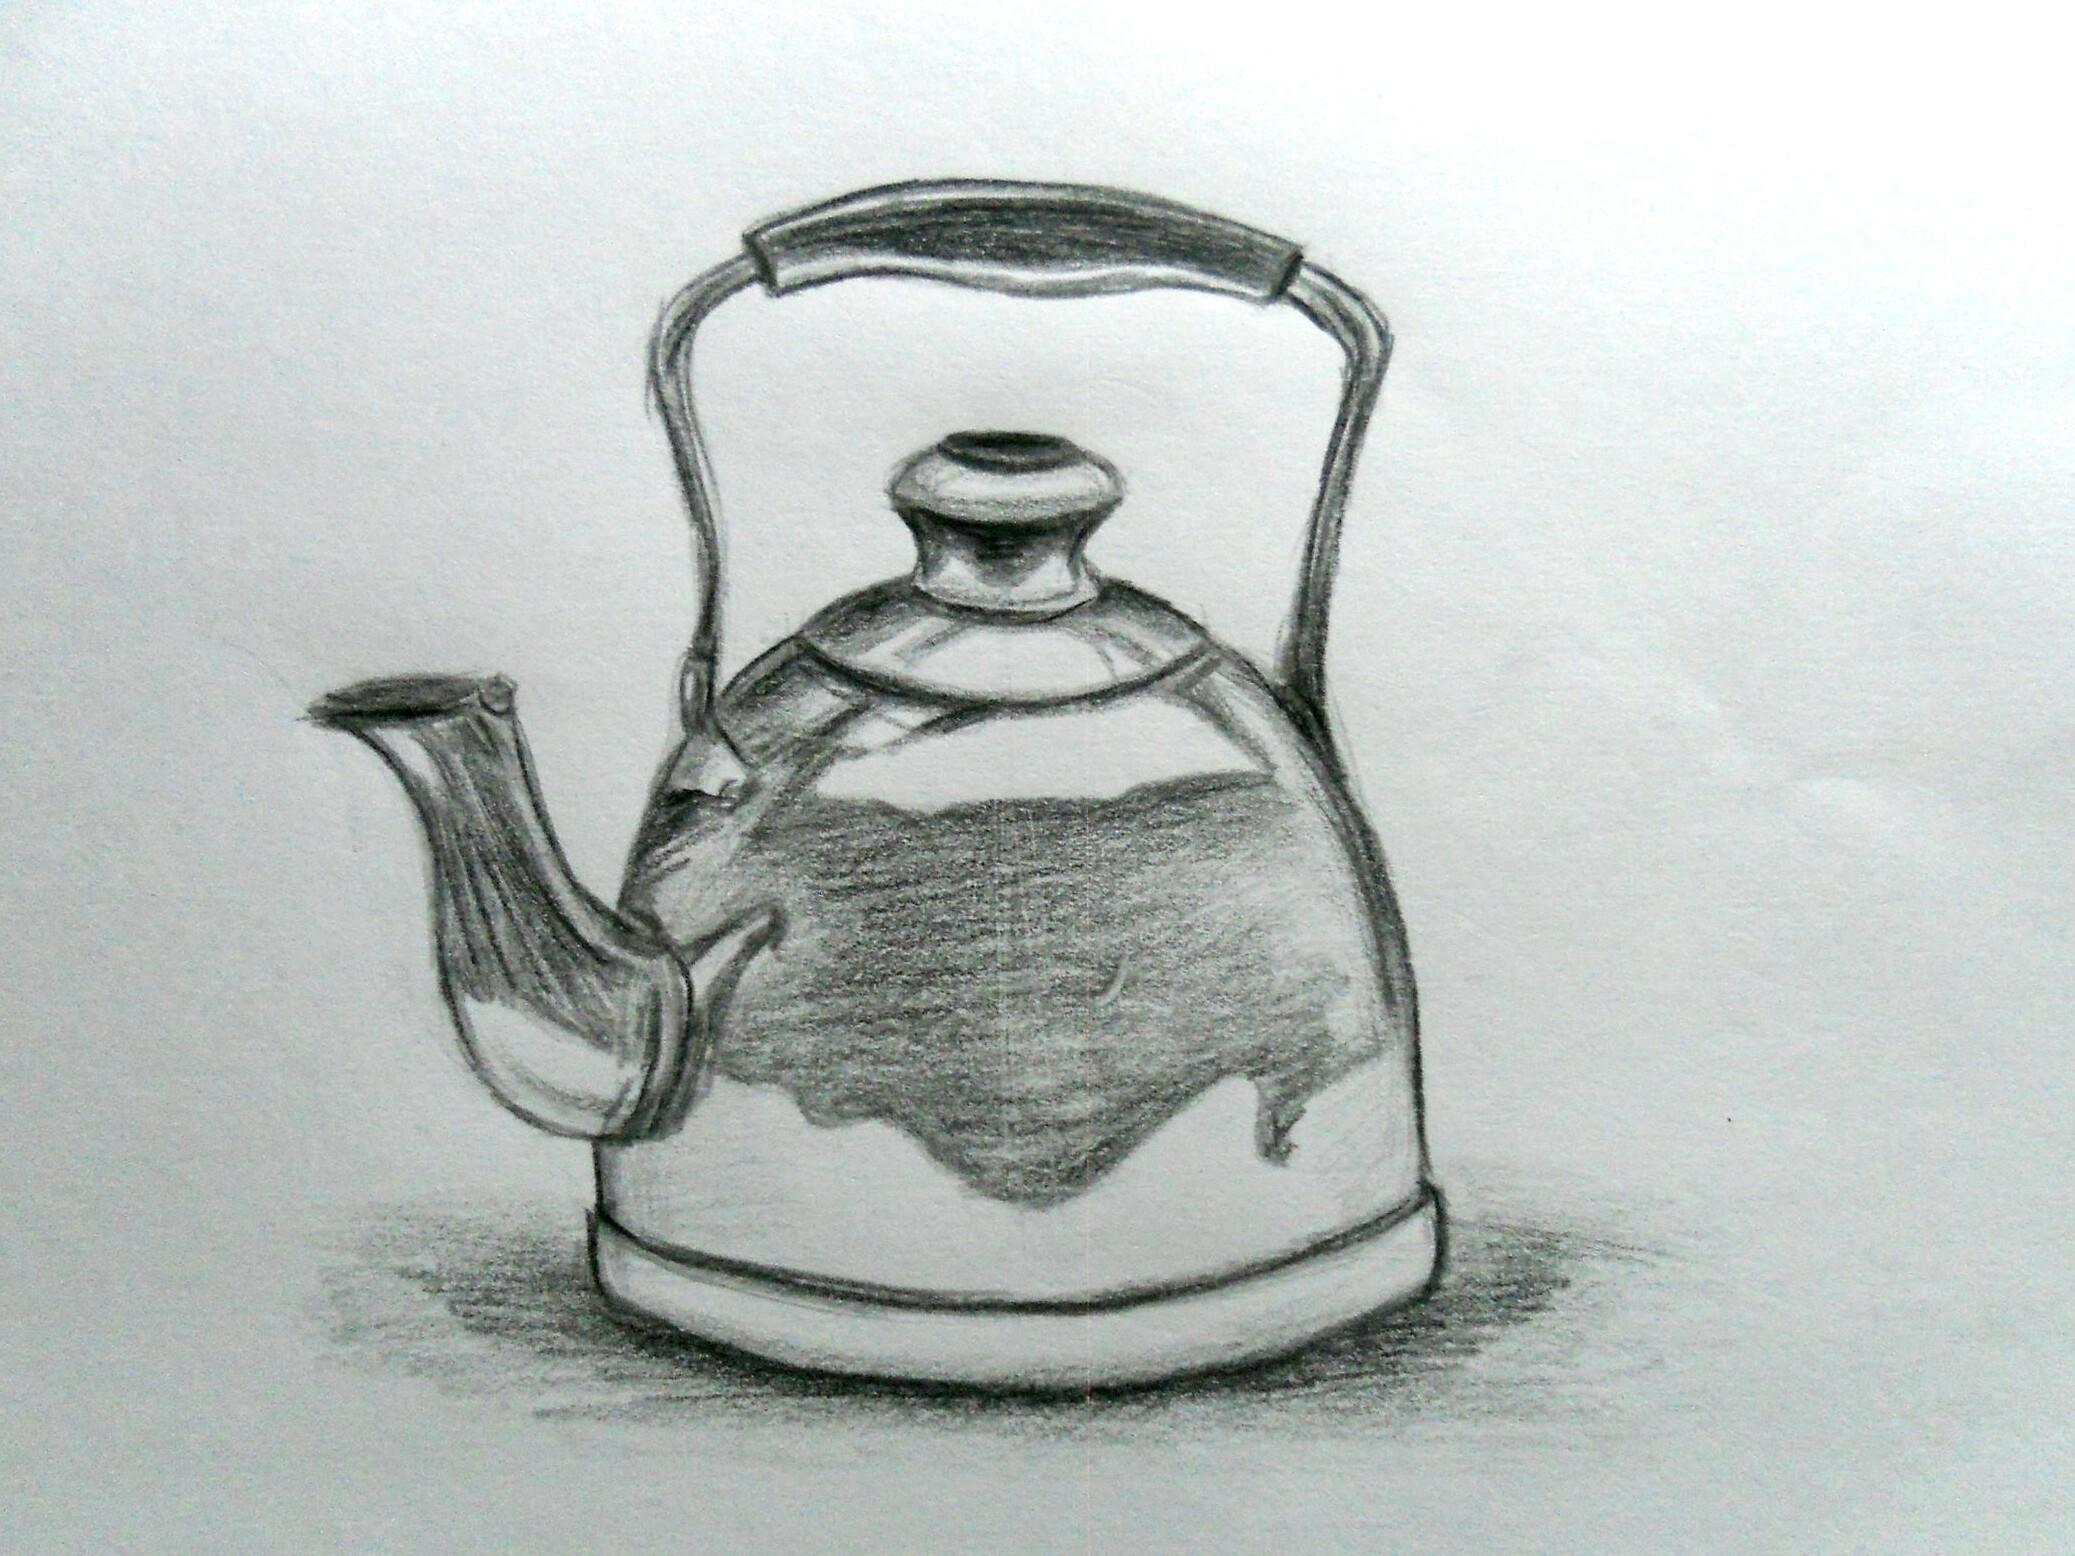 Как нарисовать чайник карандашом поэтапно?